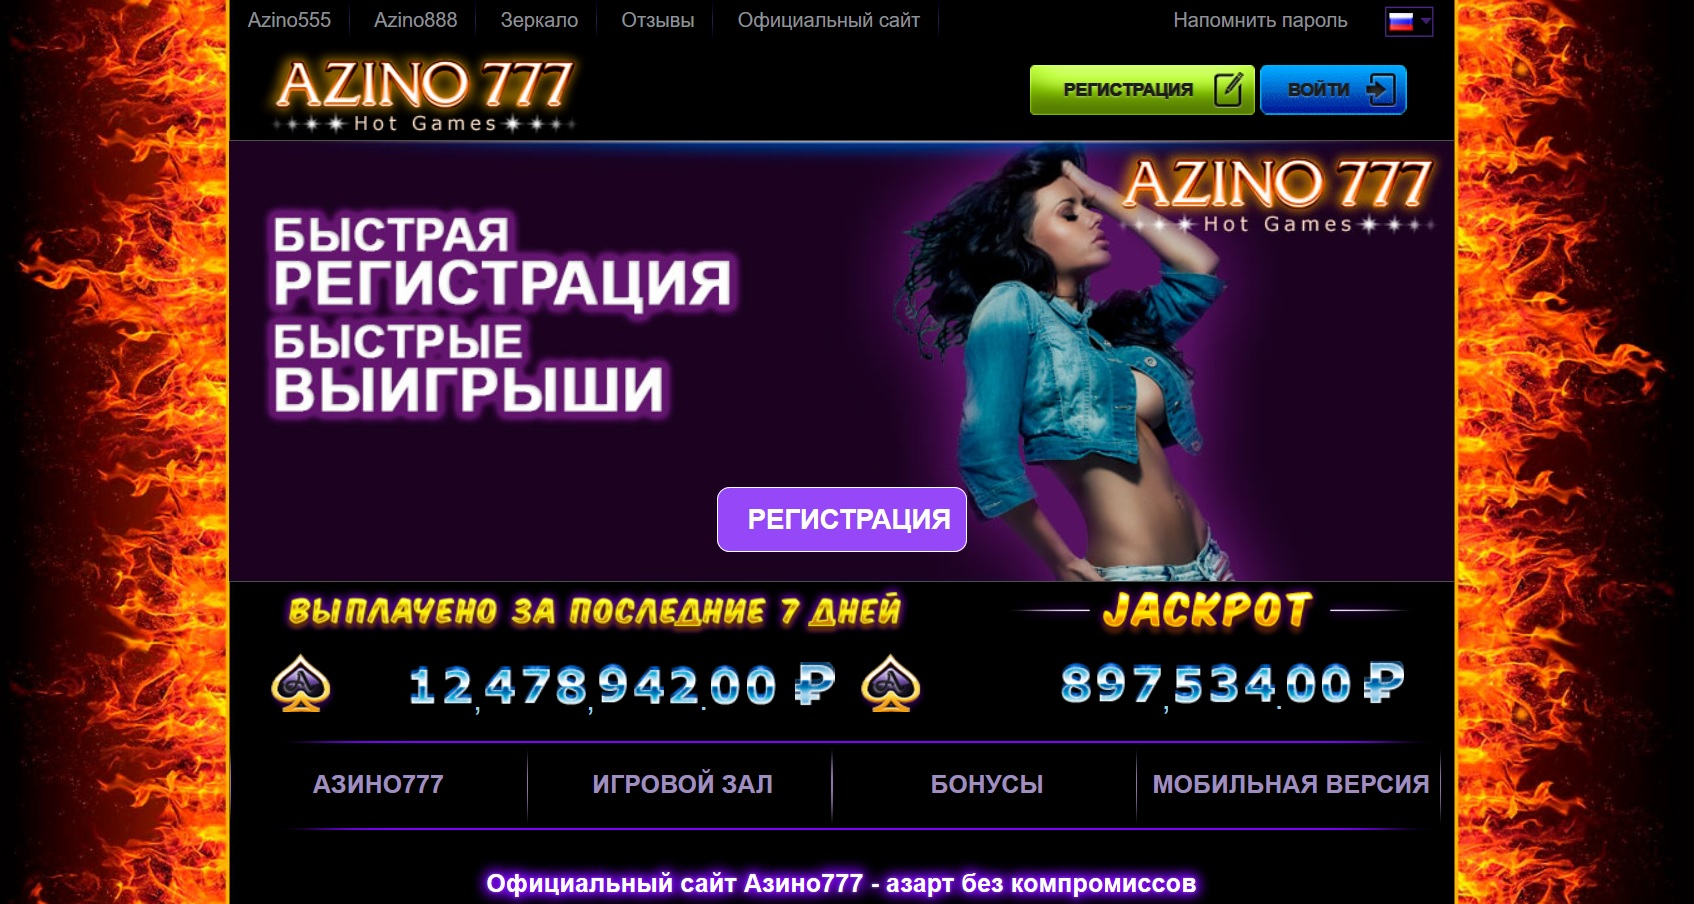 зайти на азино777